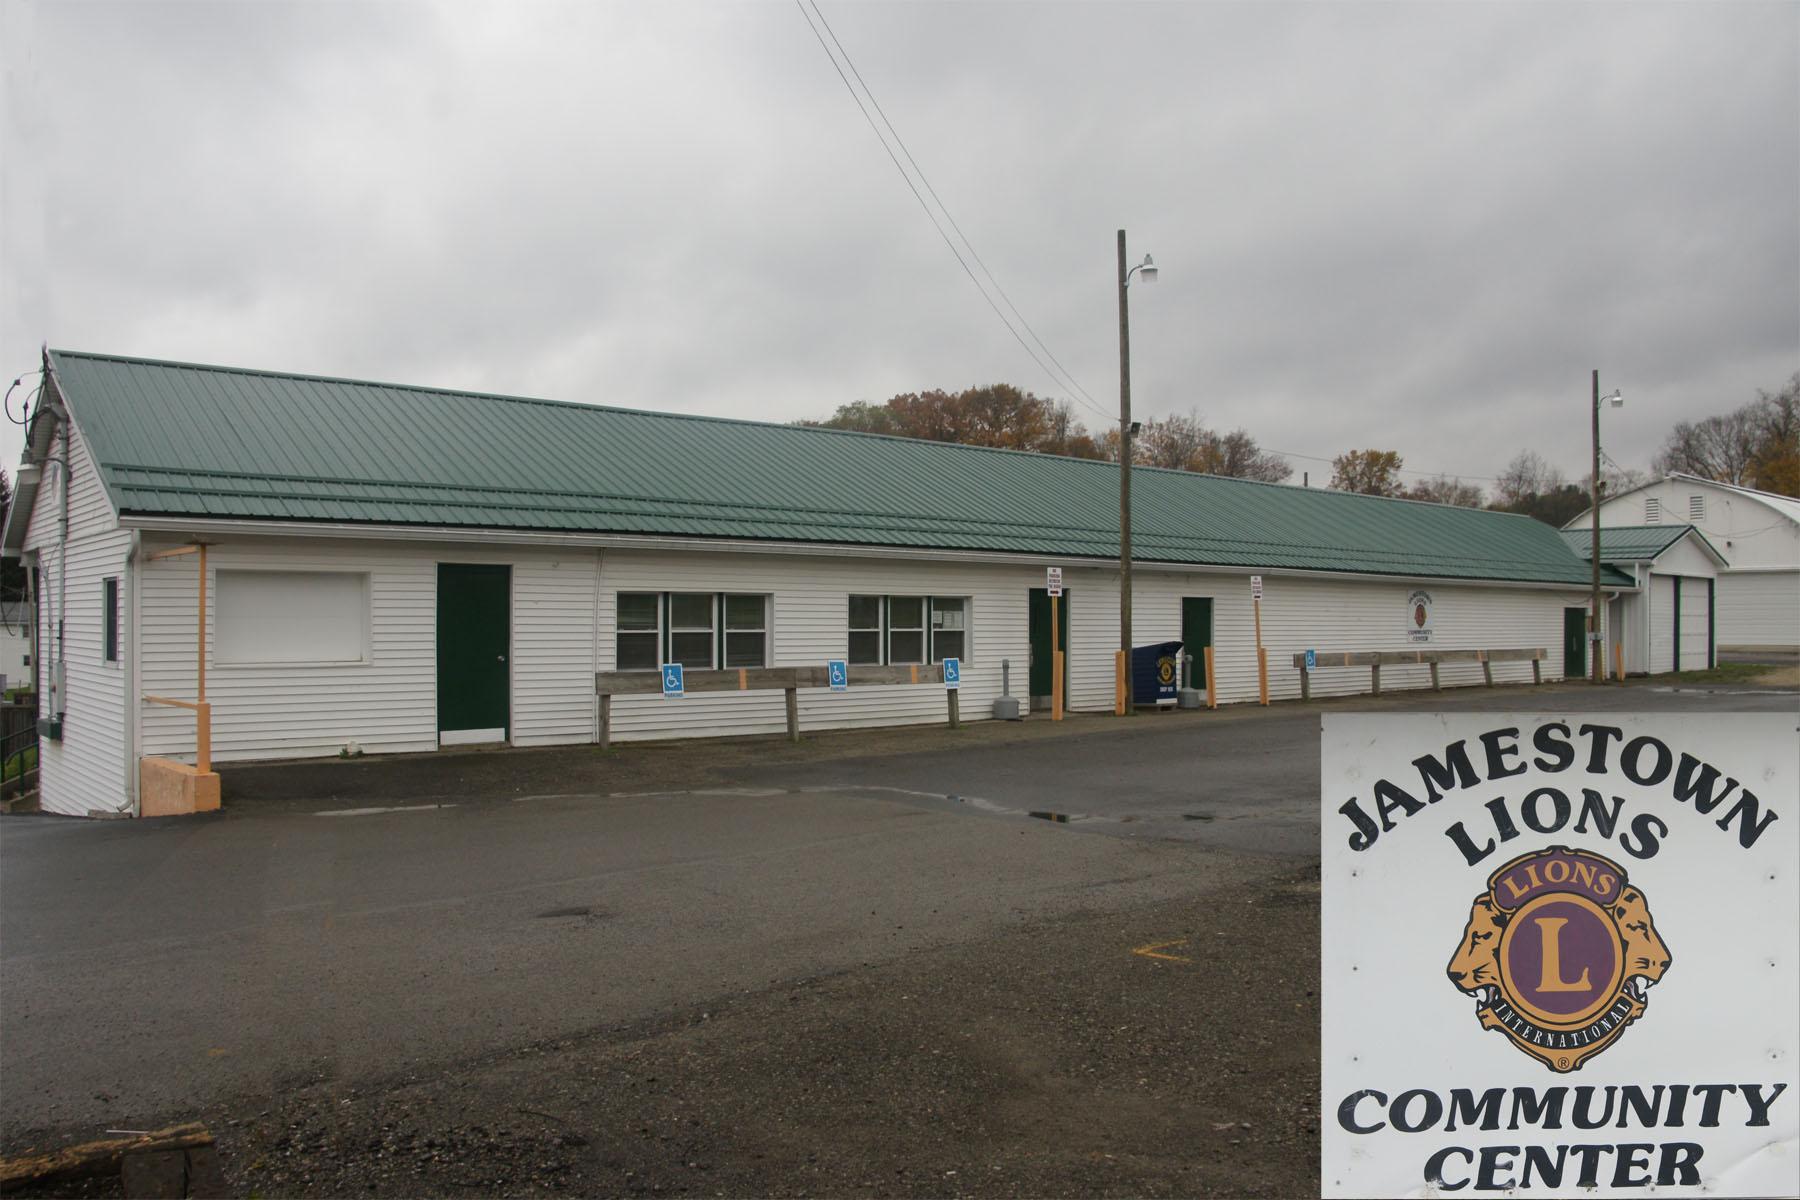 Lions Community Center